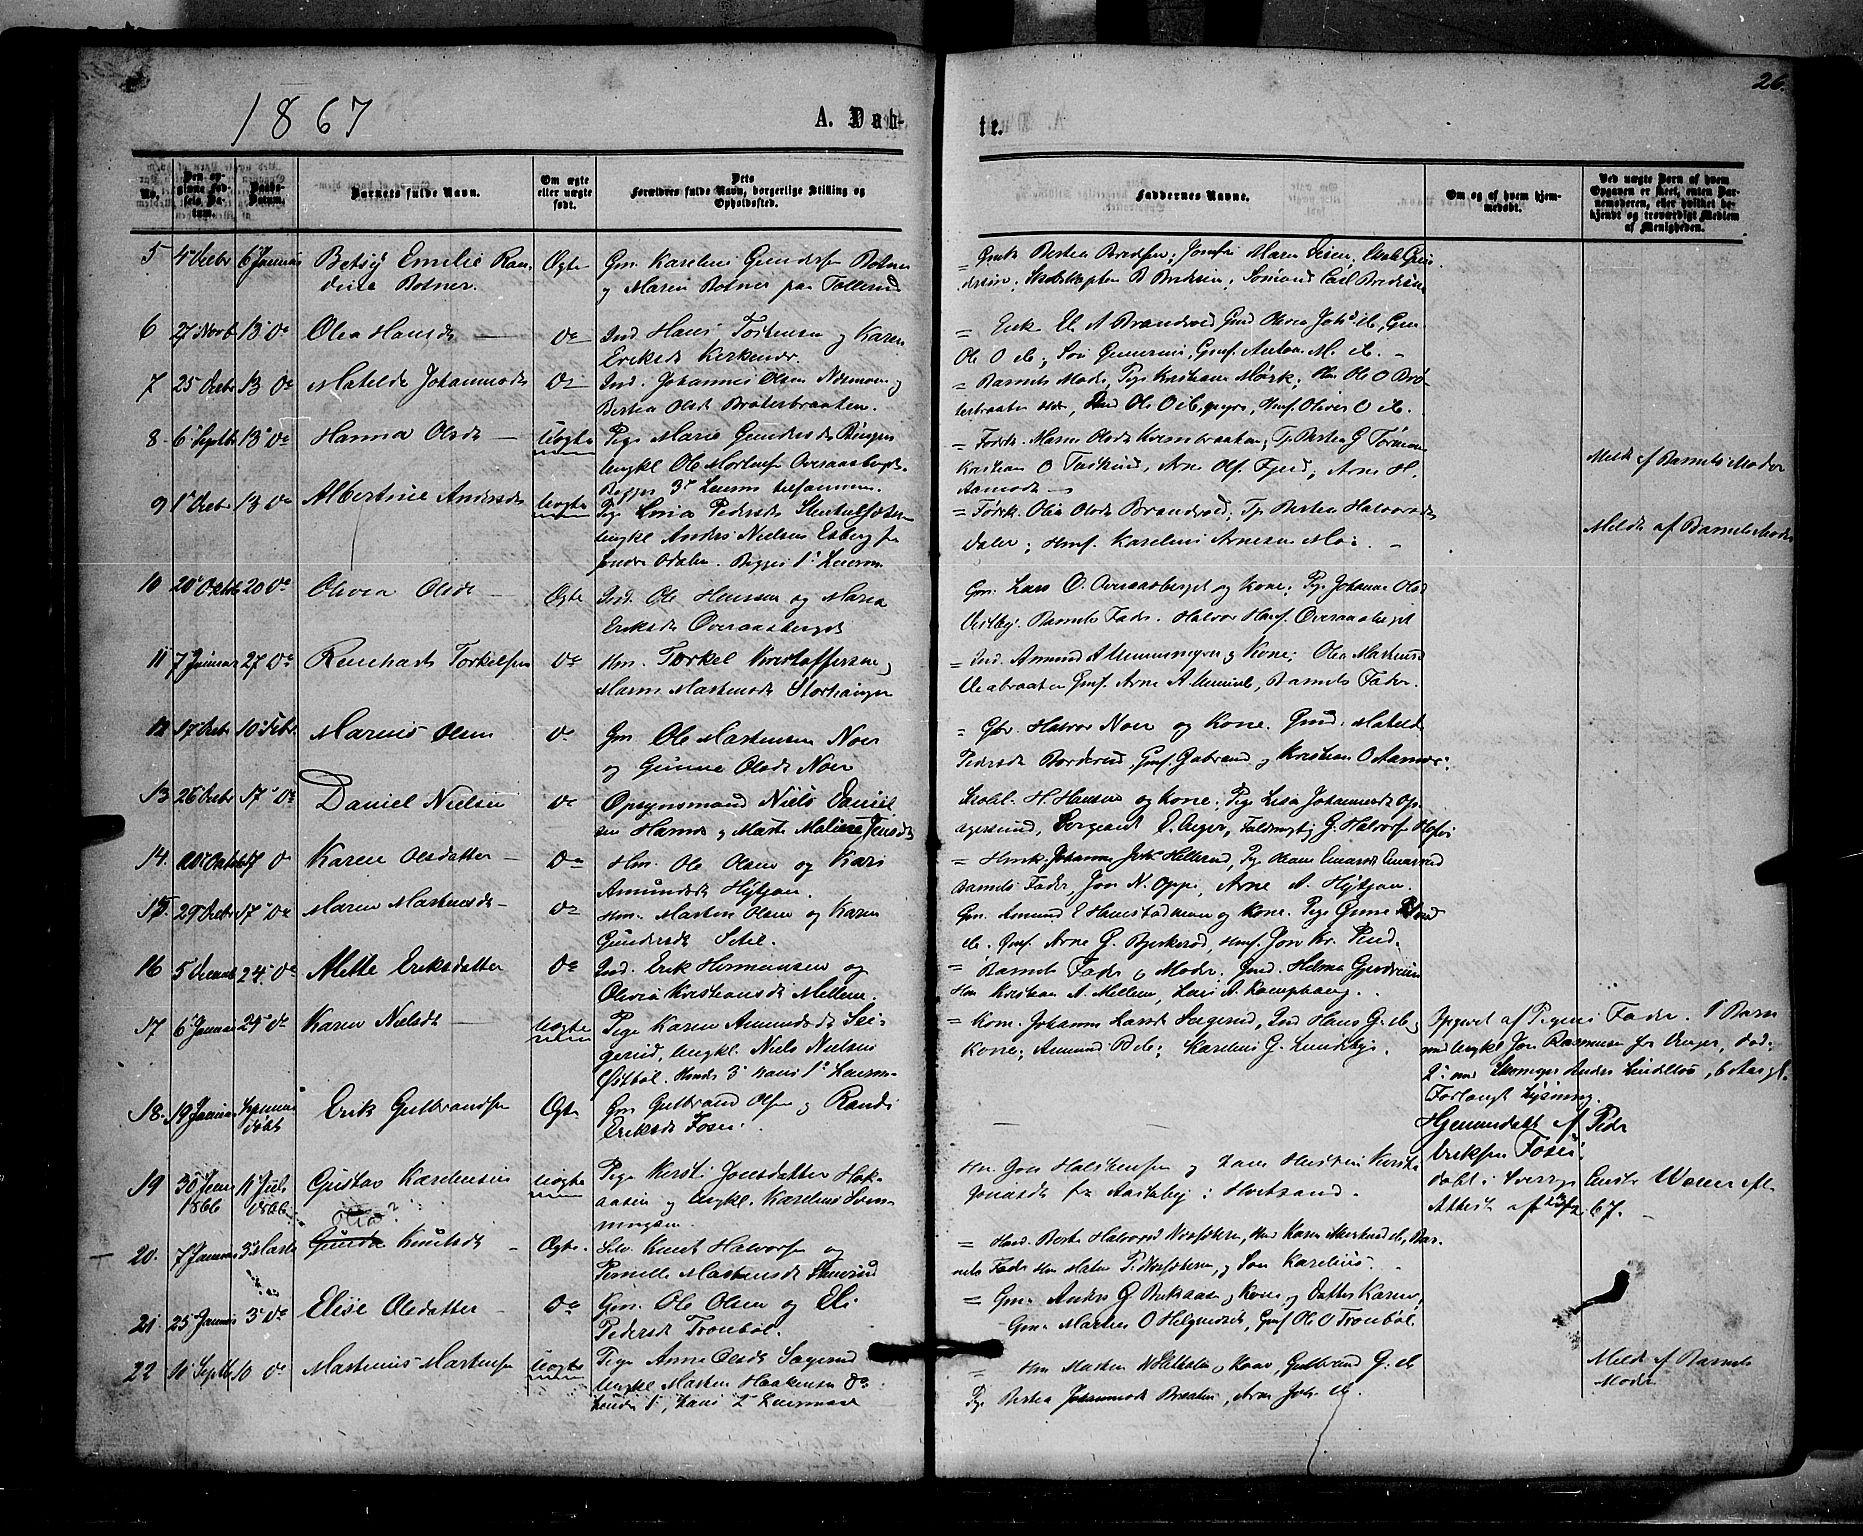 SAH, Brandval prestekontor, H/Ha/Haa/L0001: Ministerialbok nr. 1, 1864-1879, s. 26